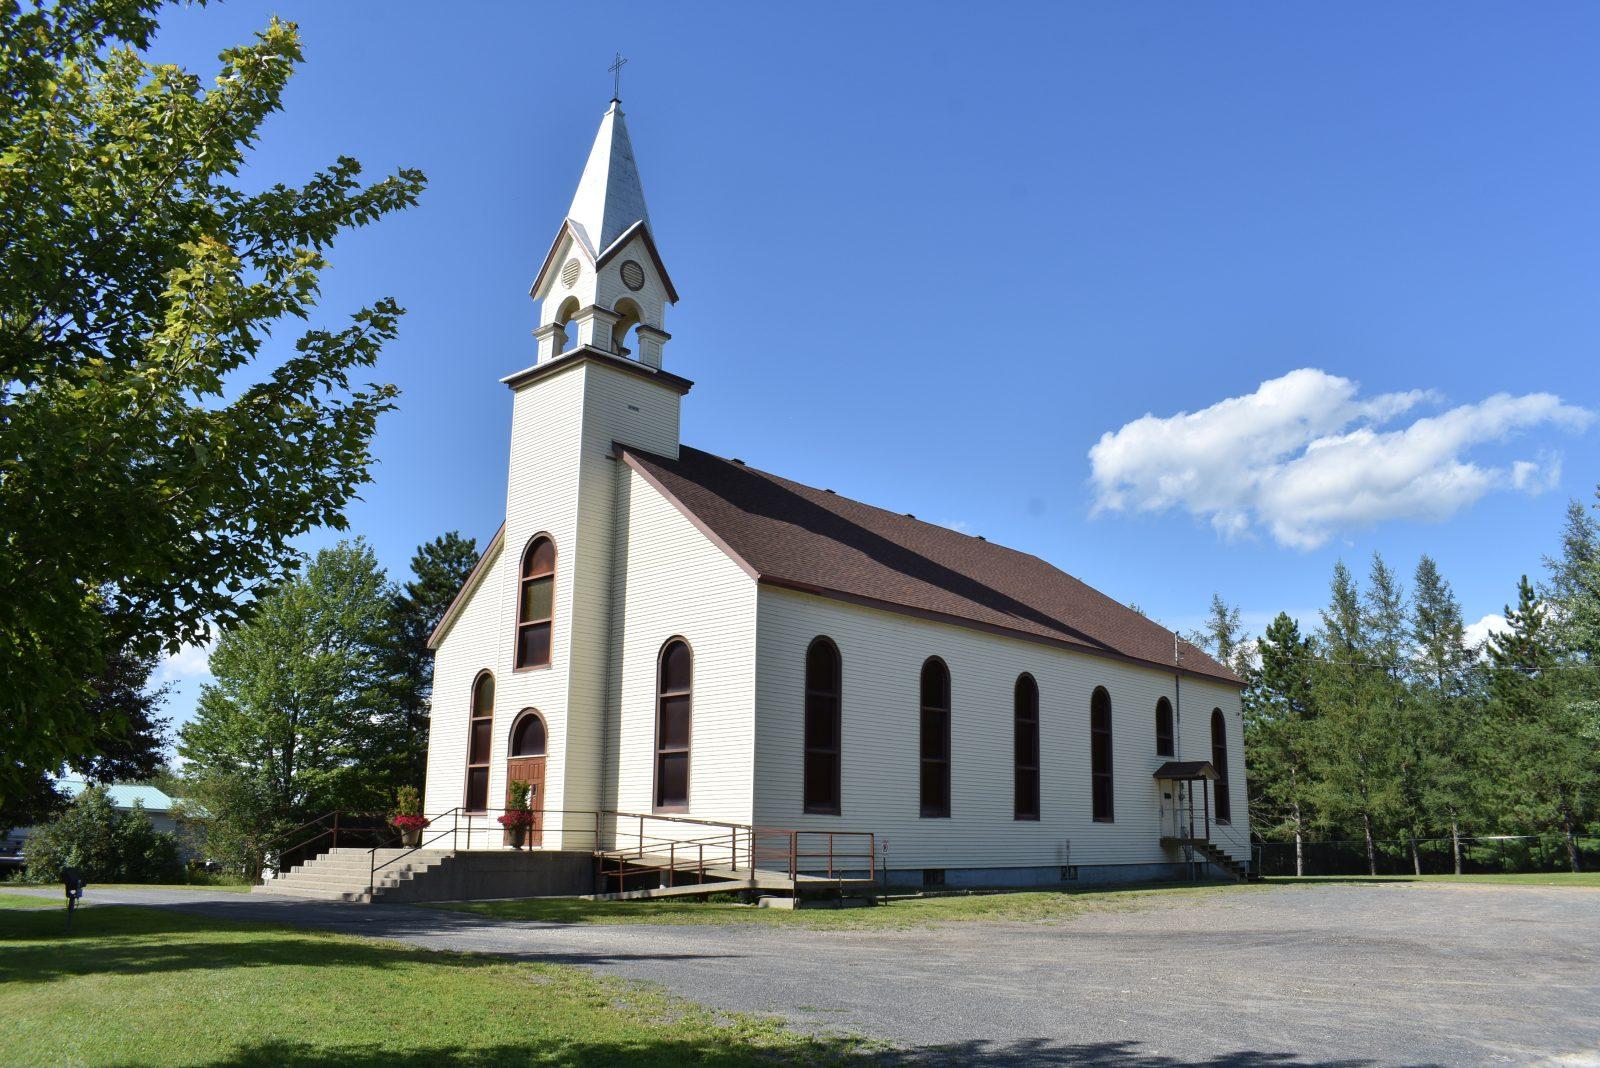 L'église de Saint-Lucien temporairement fermée